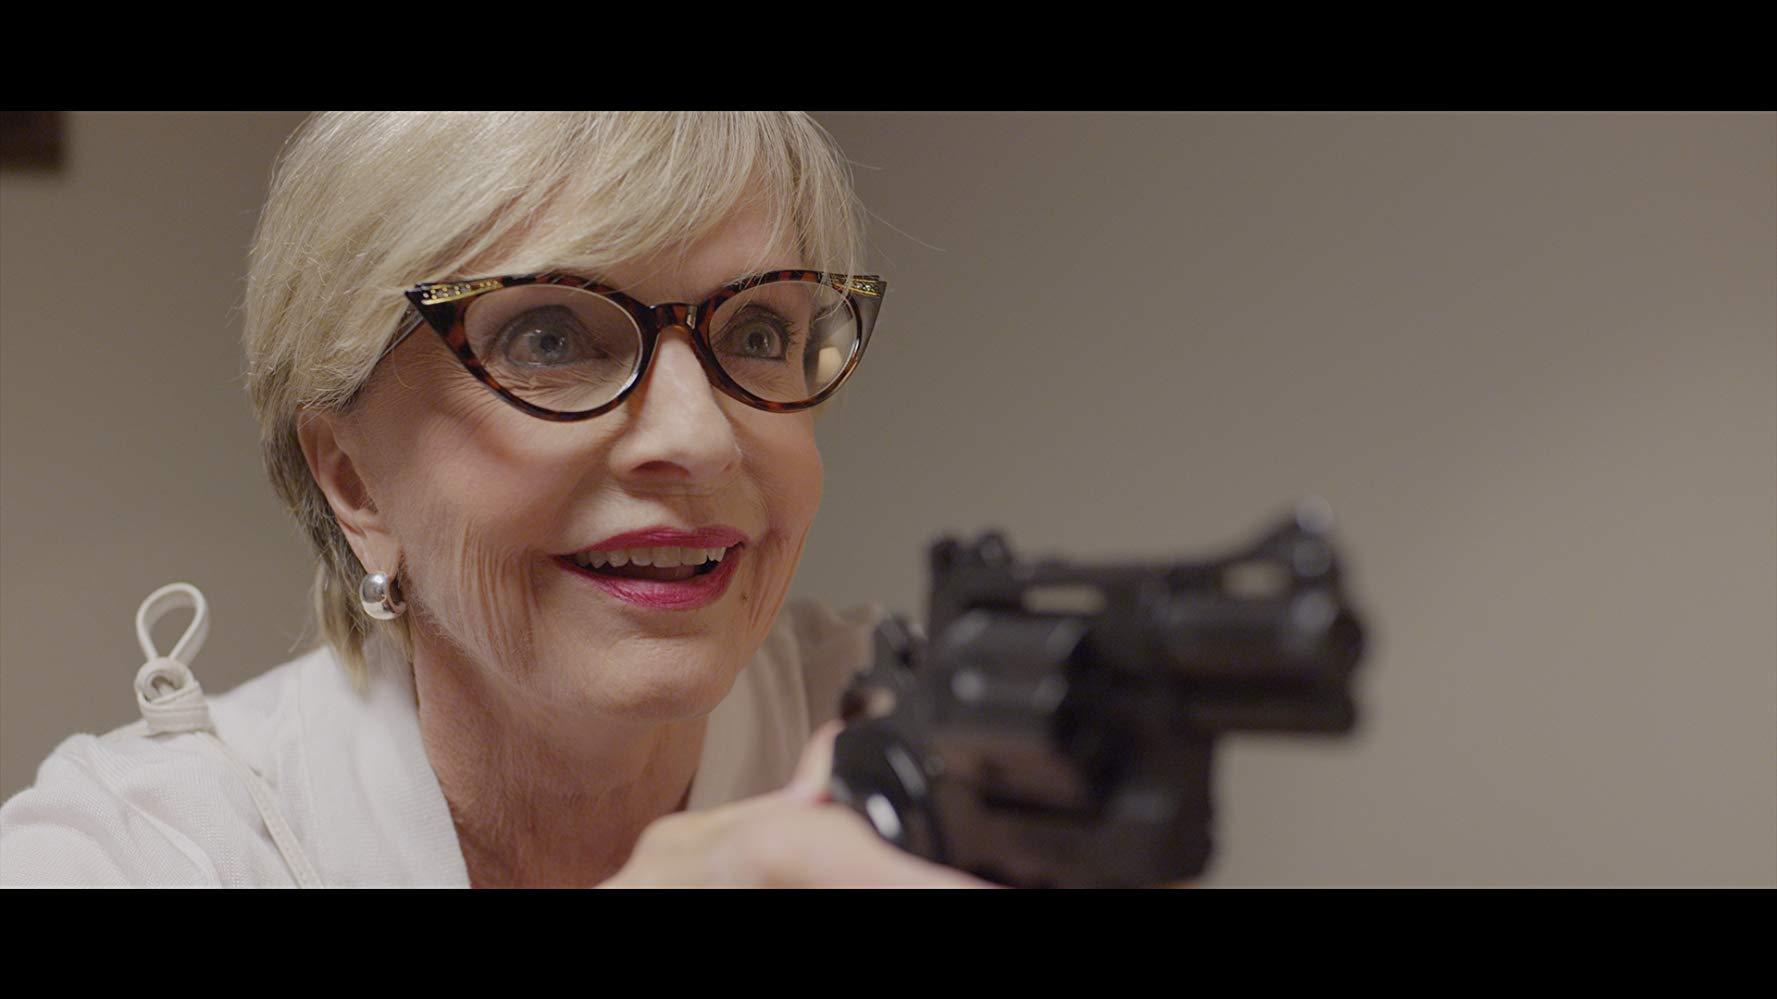 فيلم Bad Grandmas 2017 مترجم